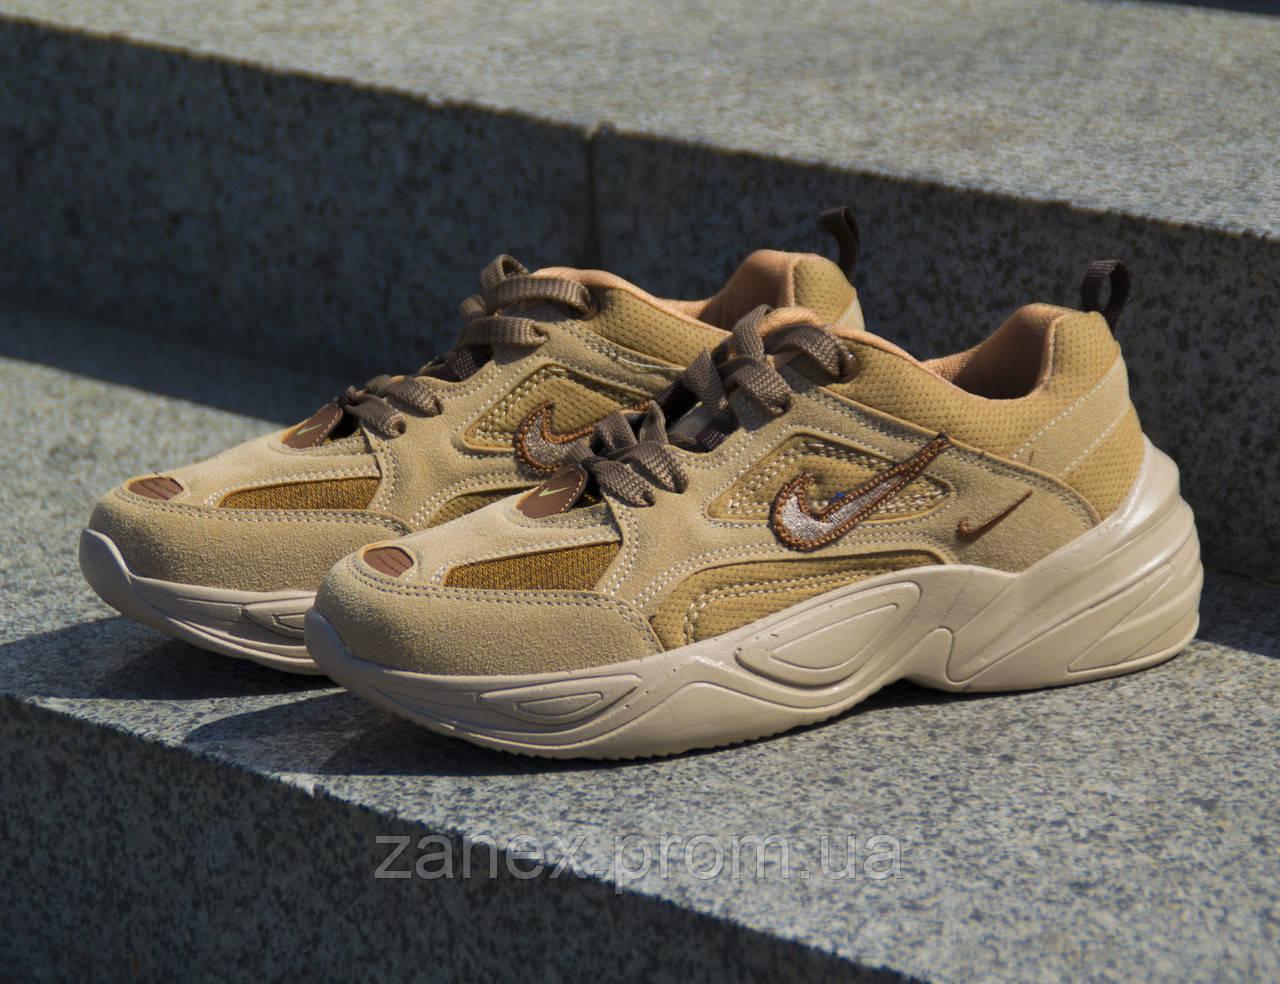 Мужские кроссовки Nike M2K Tekno Linen & Wheat & Ale Brown коричневые замшевые осенние демисезонные